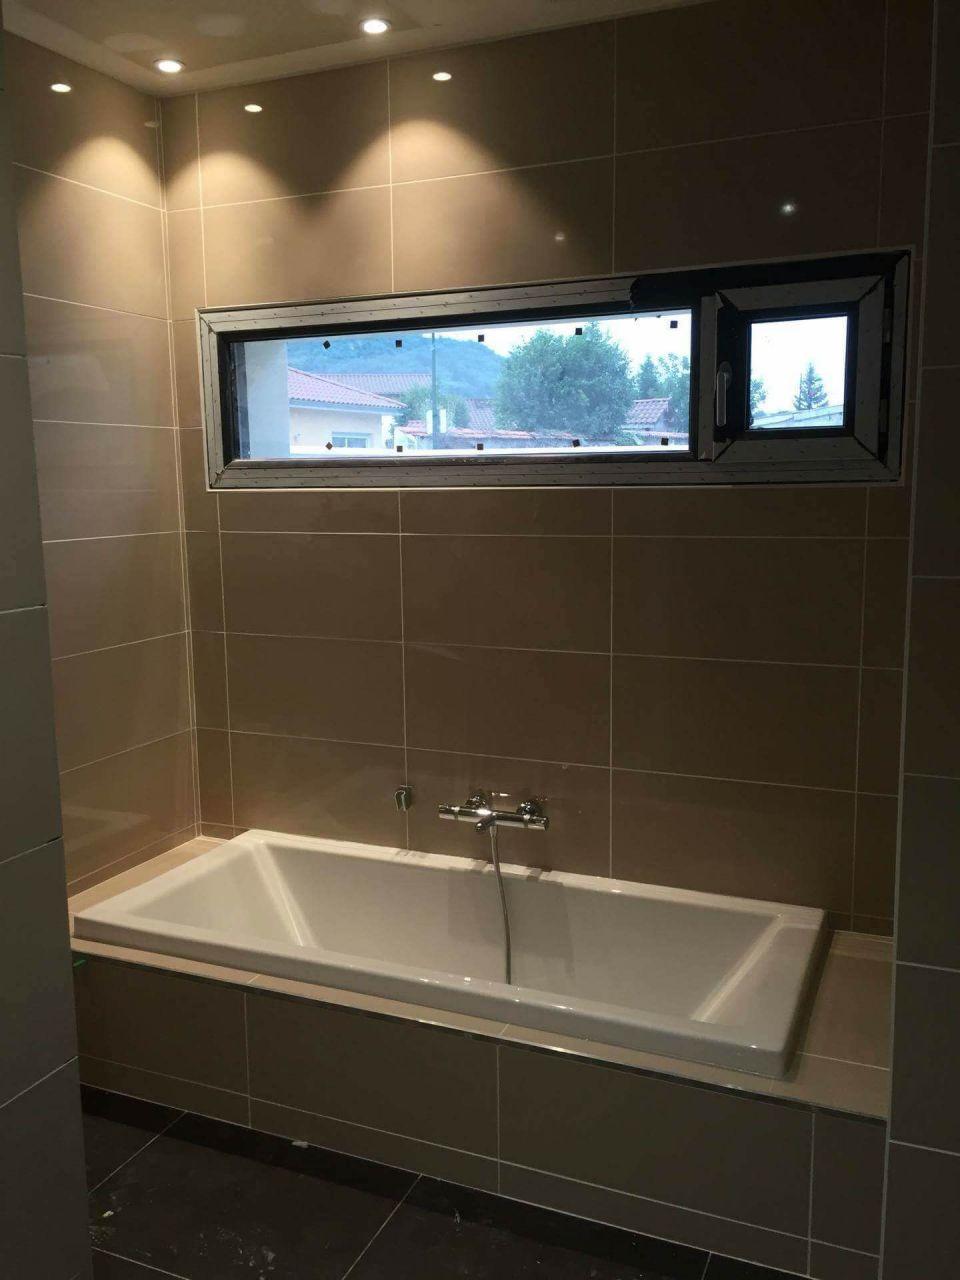 Salle de bain presque finie !